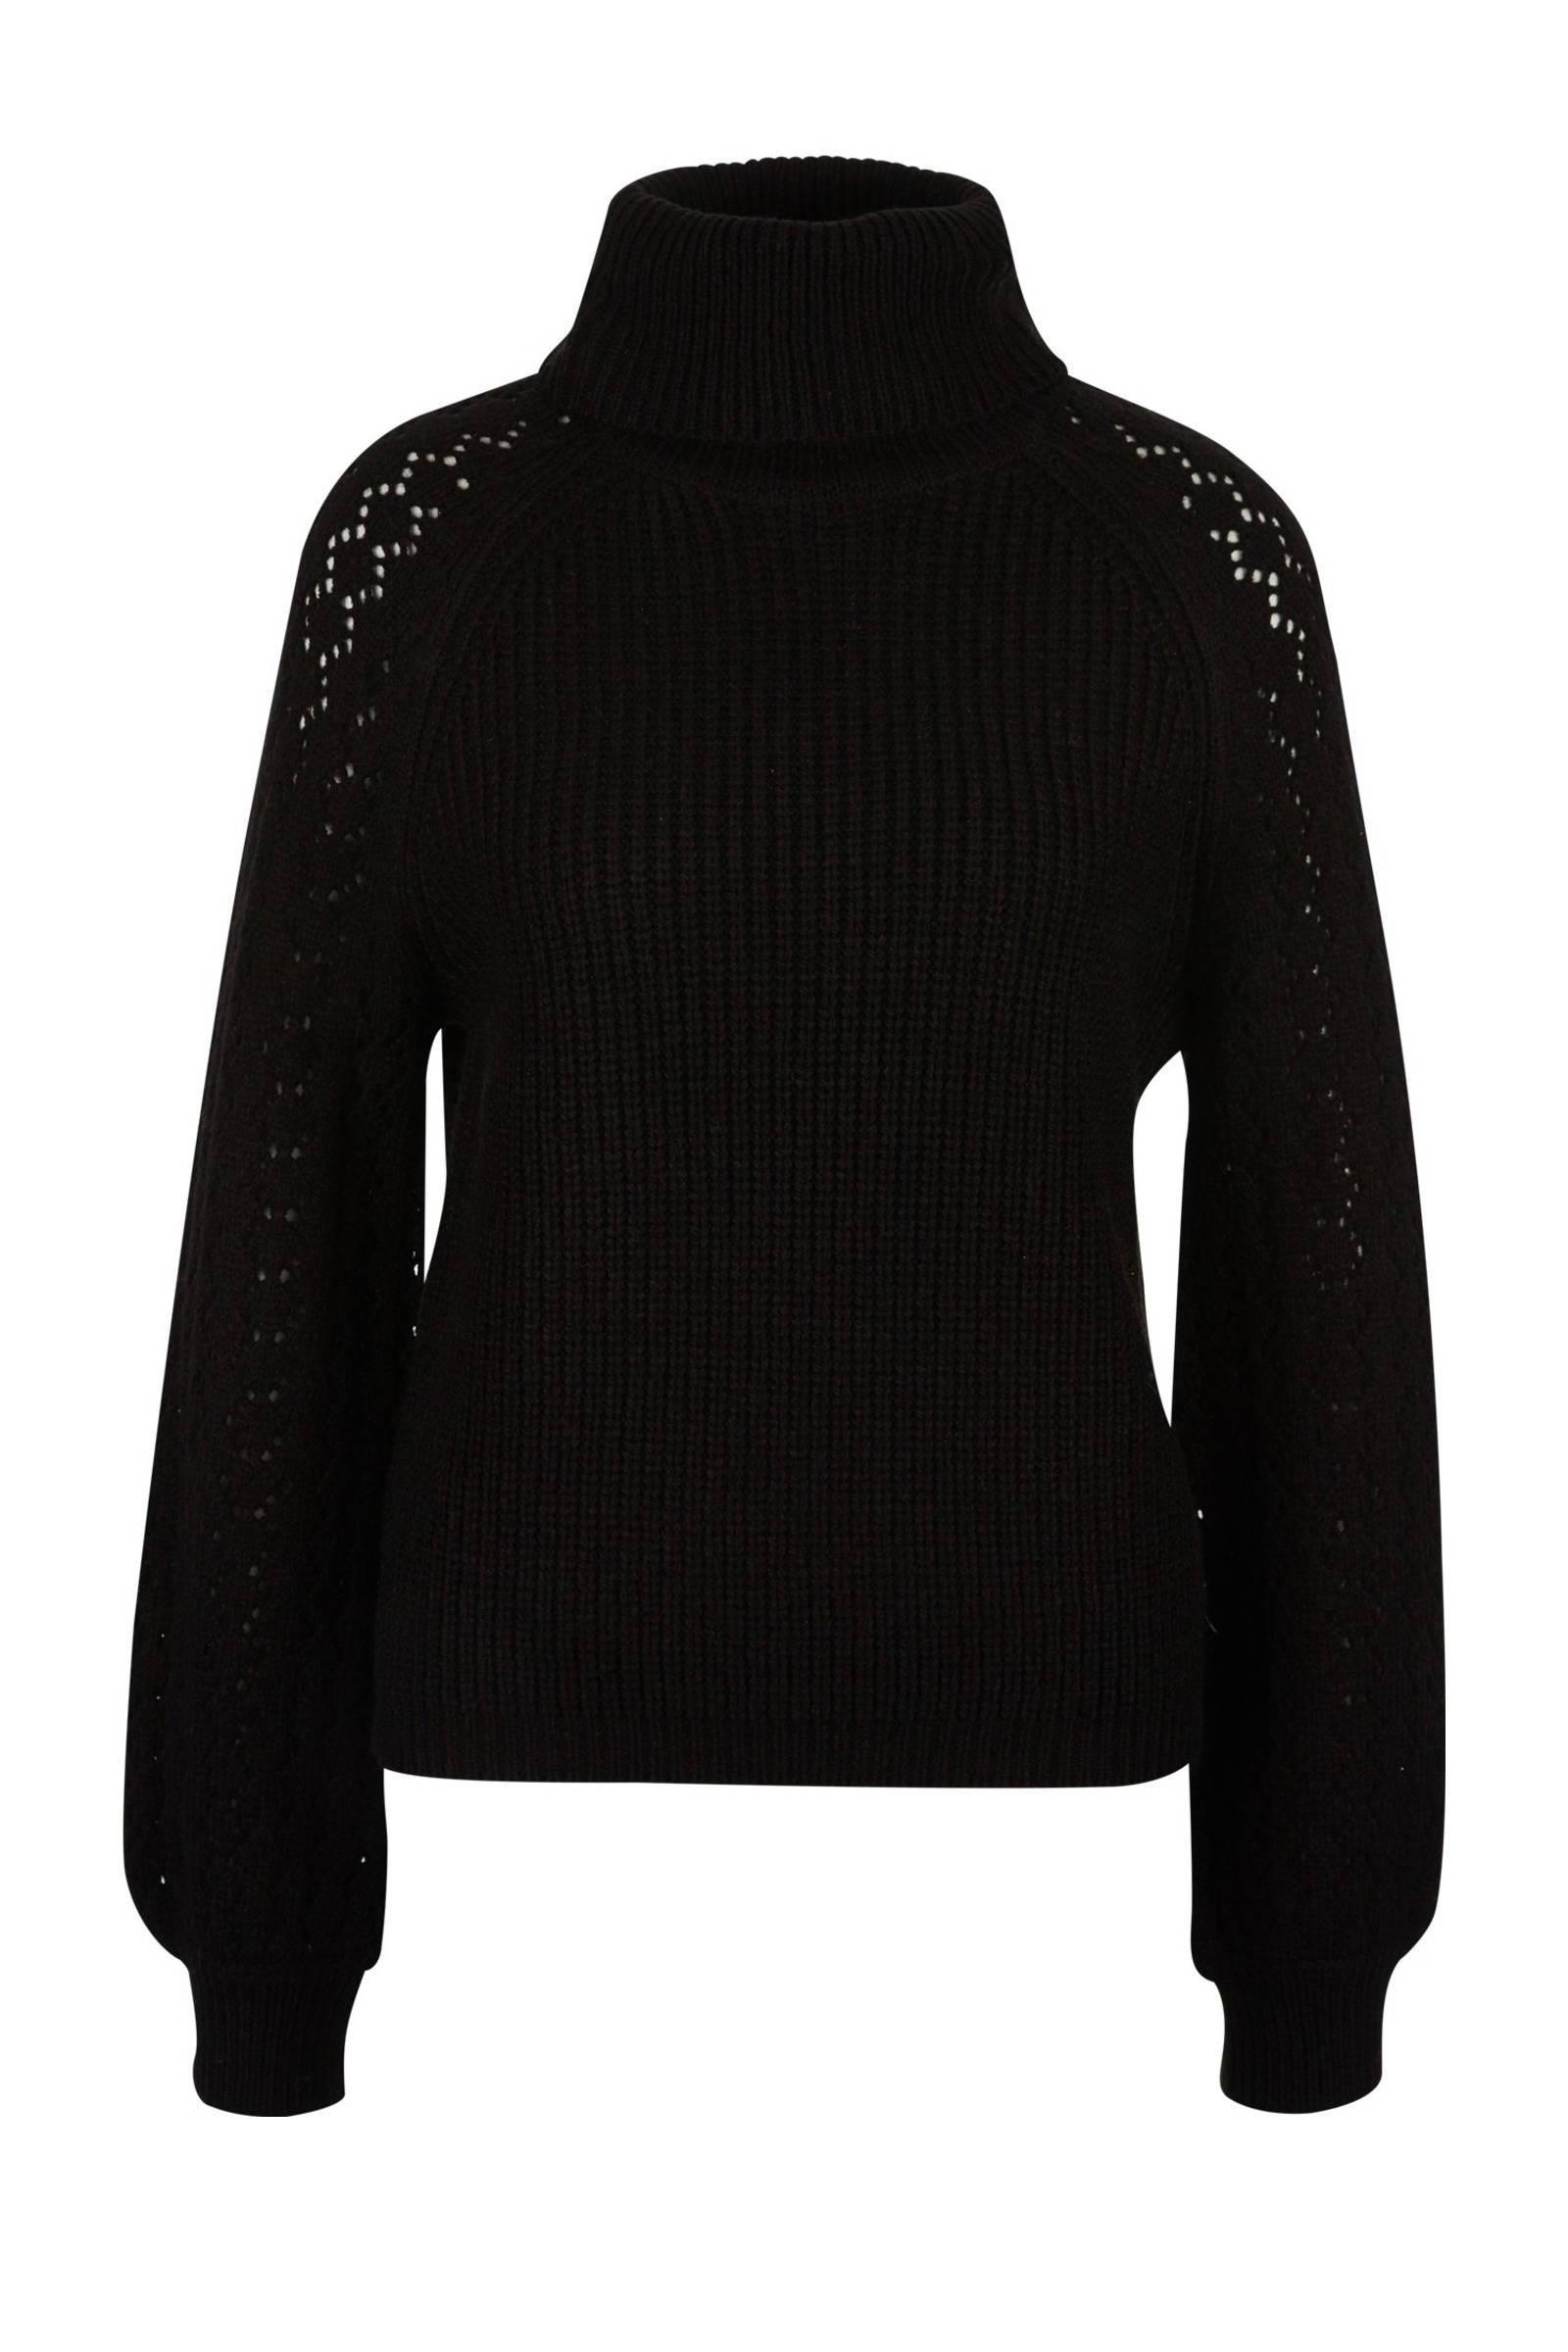 QS designed by gebreide trui met col zwart | wehkamp